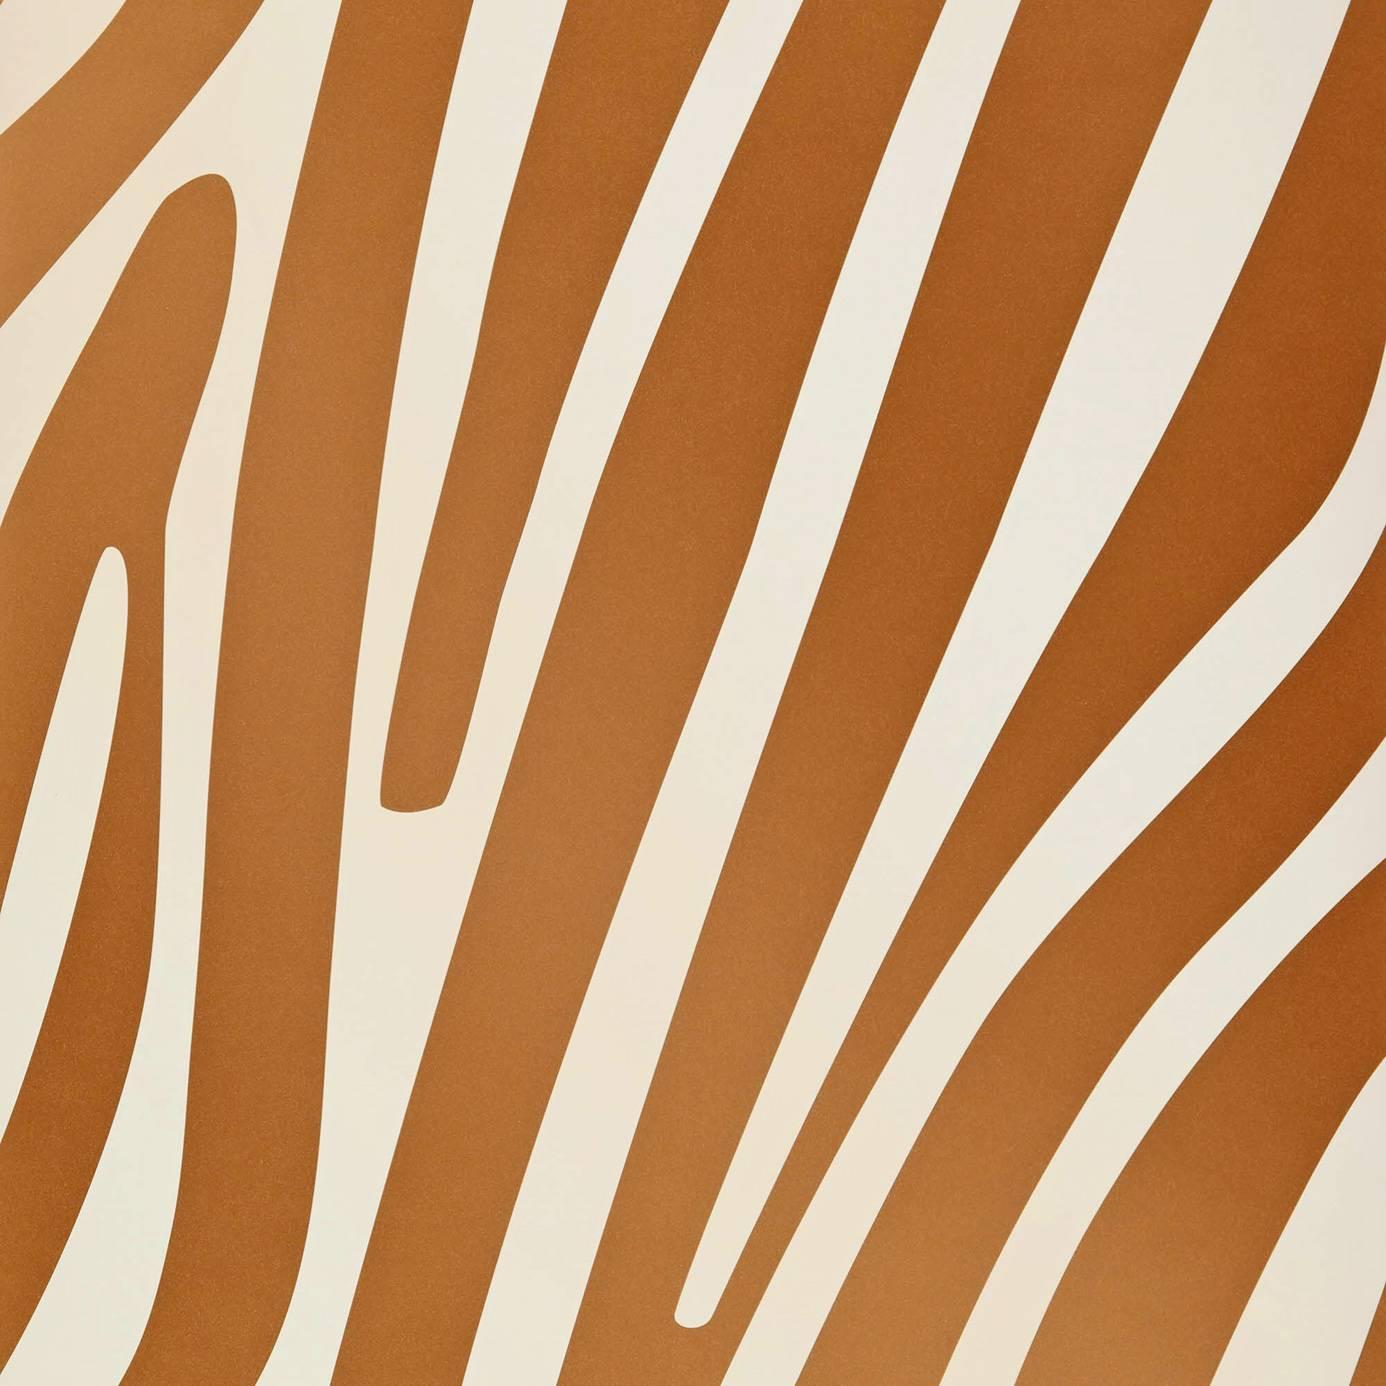 Damara Wallpaper   Copper DAMARA11   Wemyss Jungle Club 1386x1386